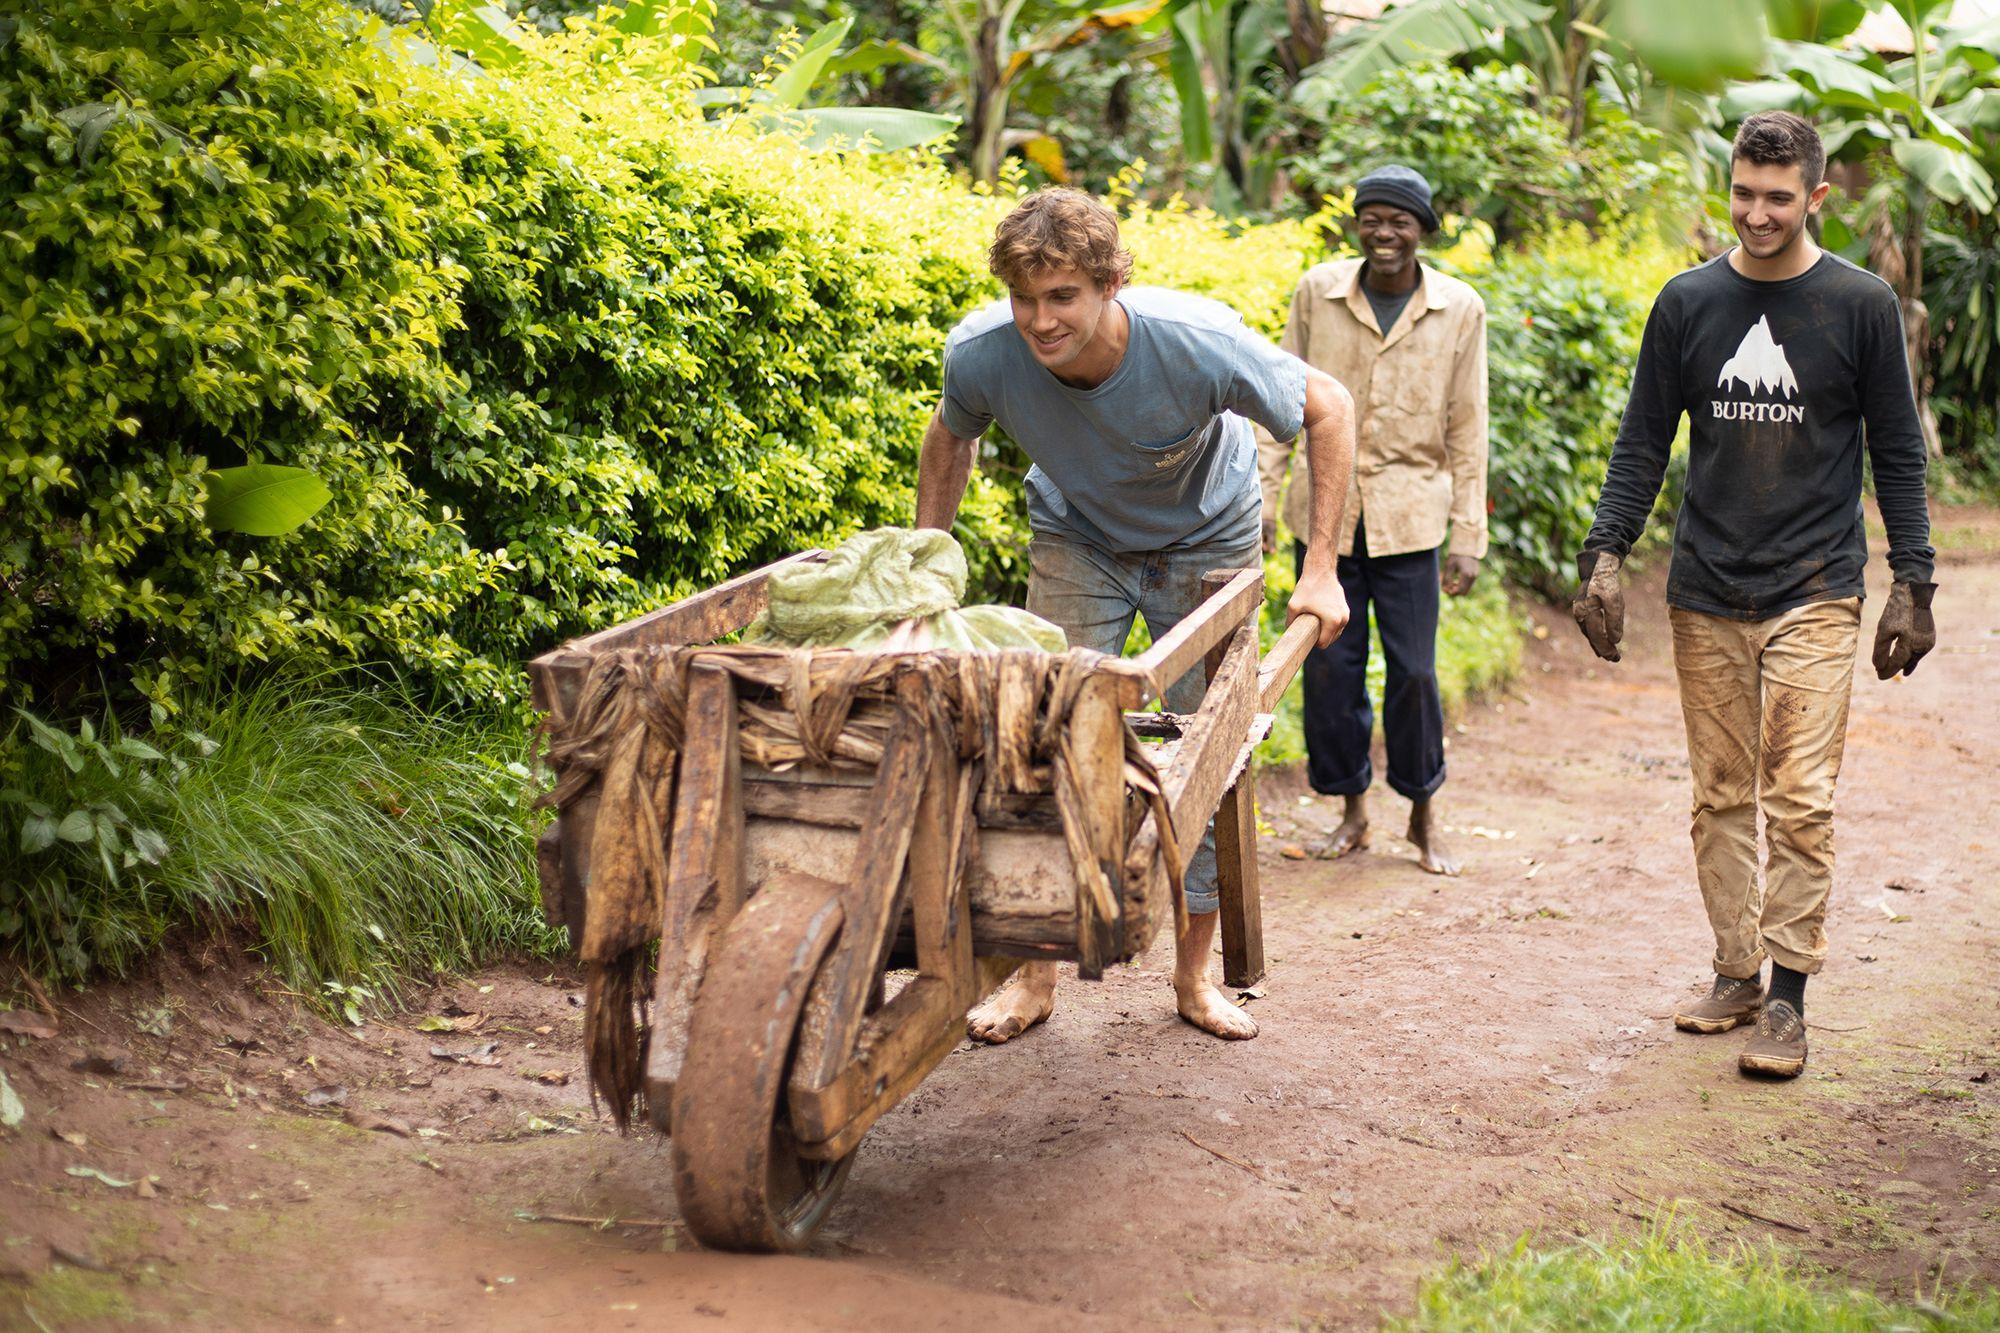 A college student pushing a wooden wheelbarrow barefoot along a dirt path.